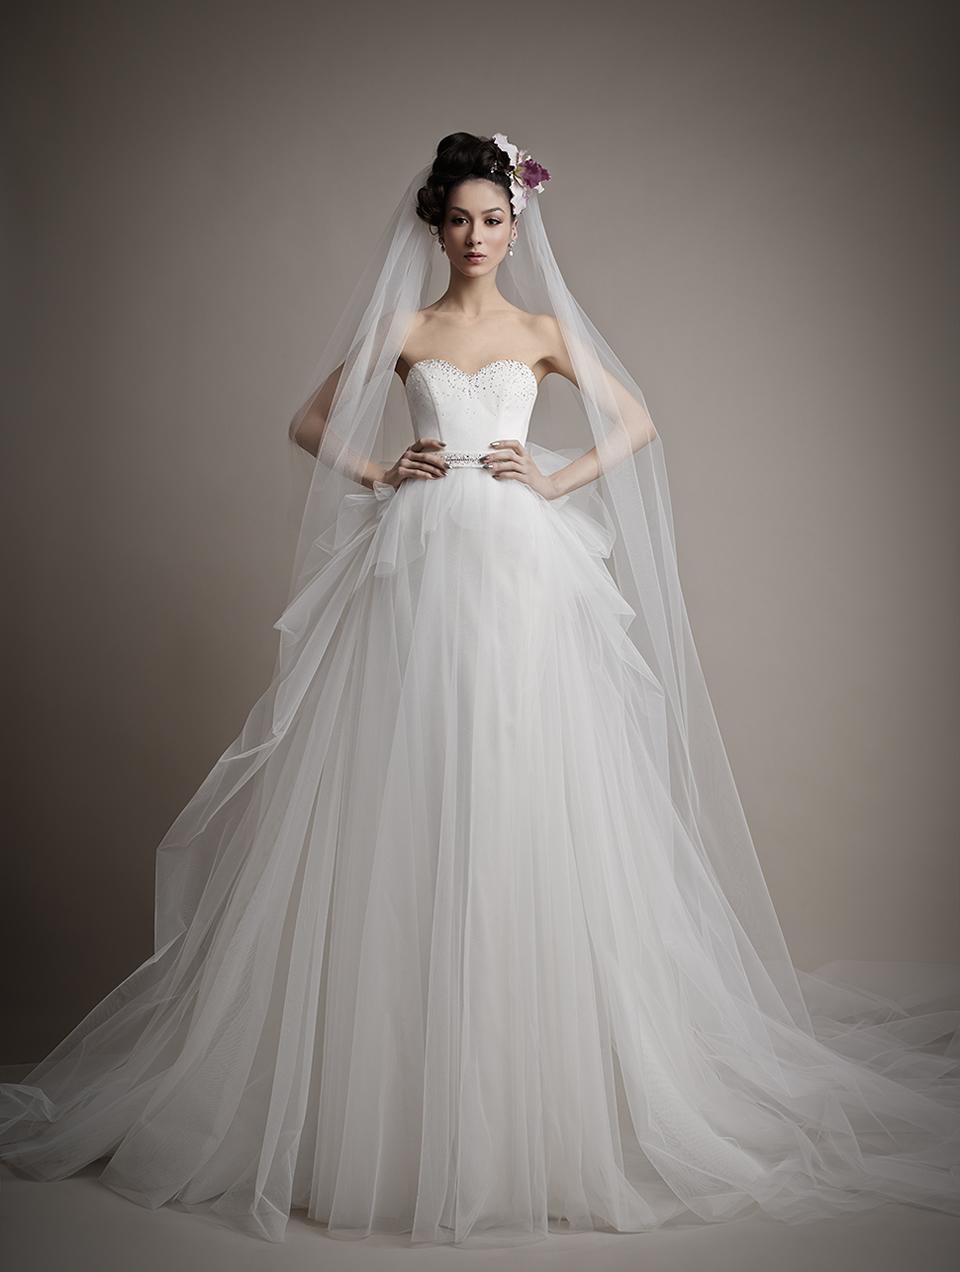 Коллекция свадебных платьев 2015 года от Ersa Atelier9